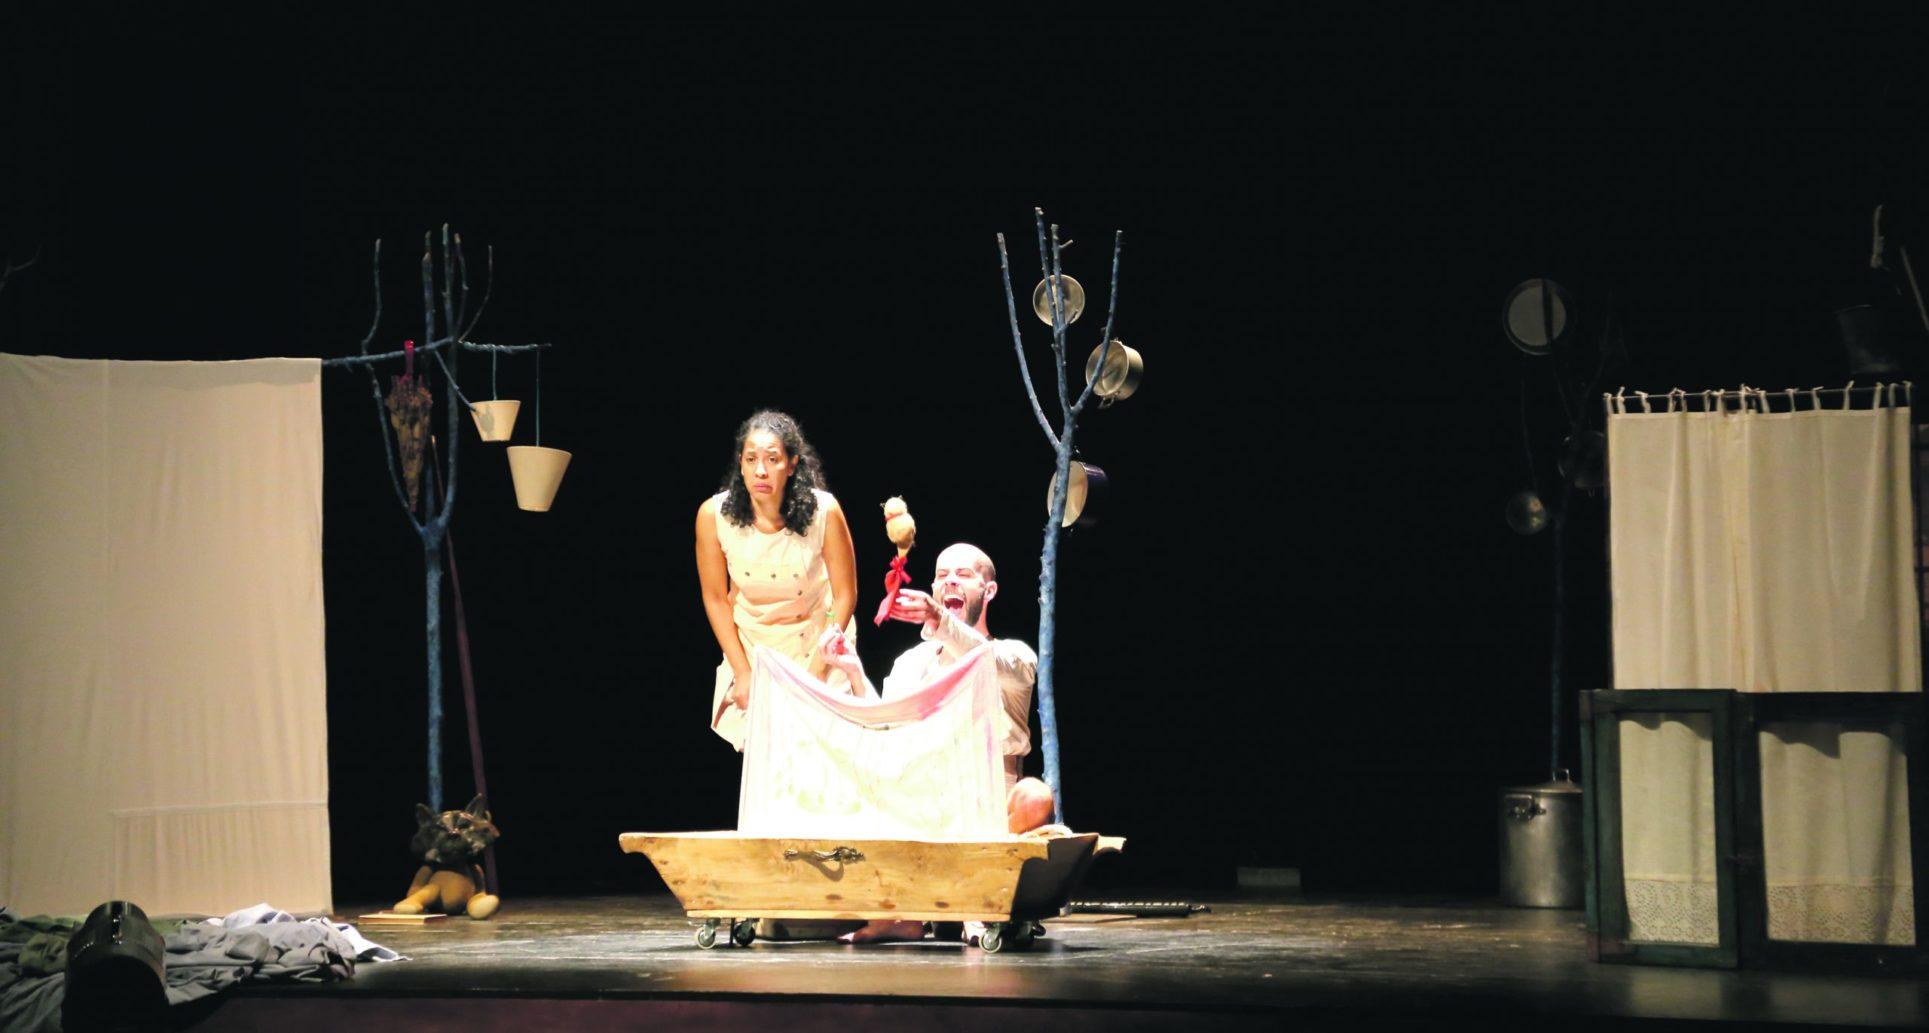 Teatre per desestigmatitzar les malalties mentals El Periòdic d'Ontinyent